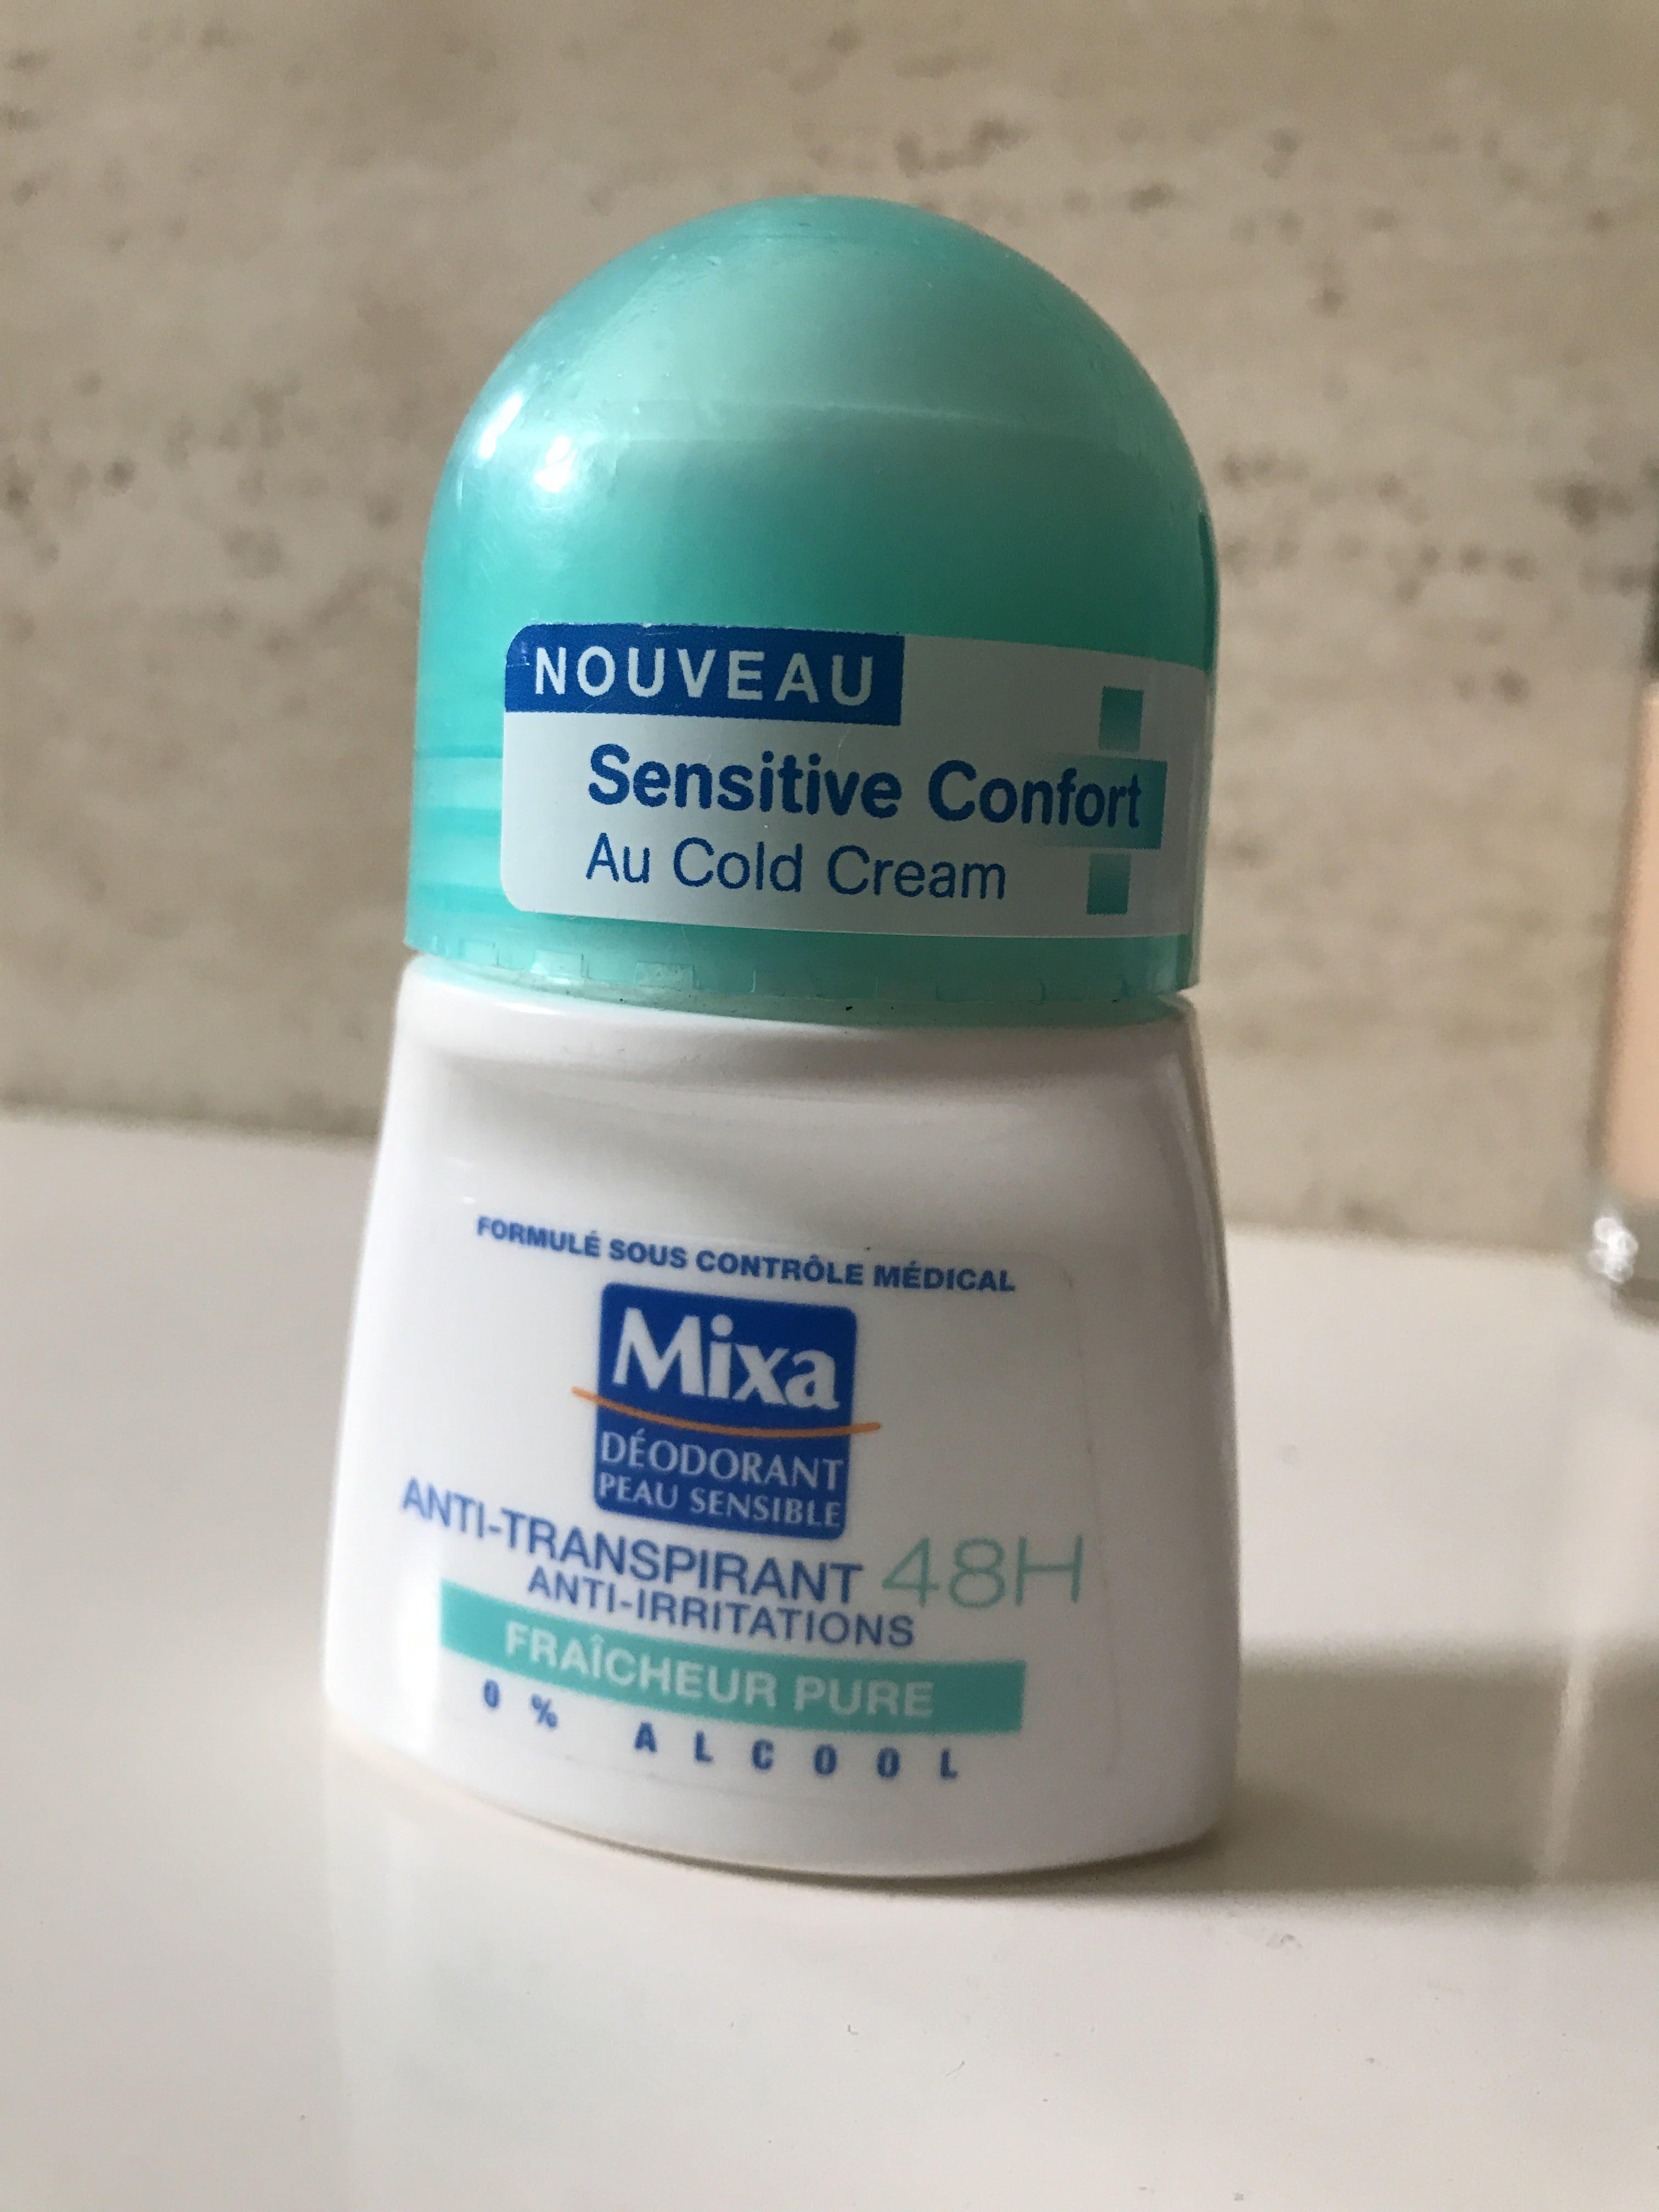 Déodorant peau sensible Sensitive Confort - Product - fr